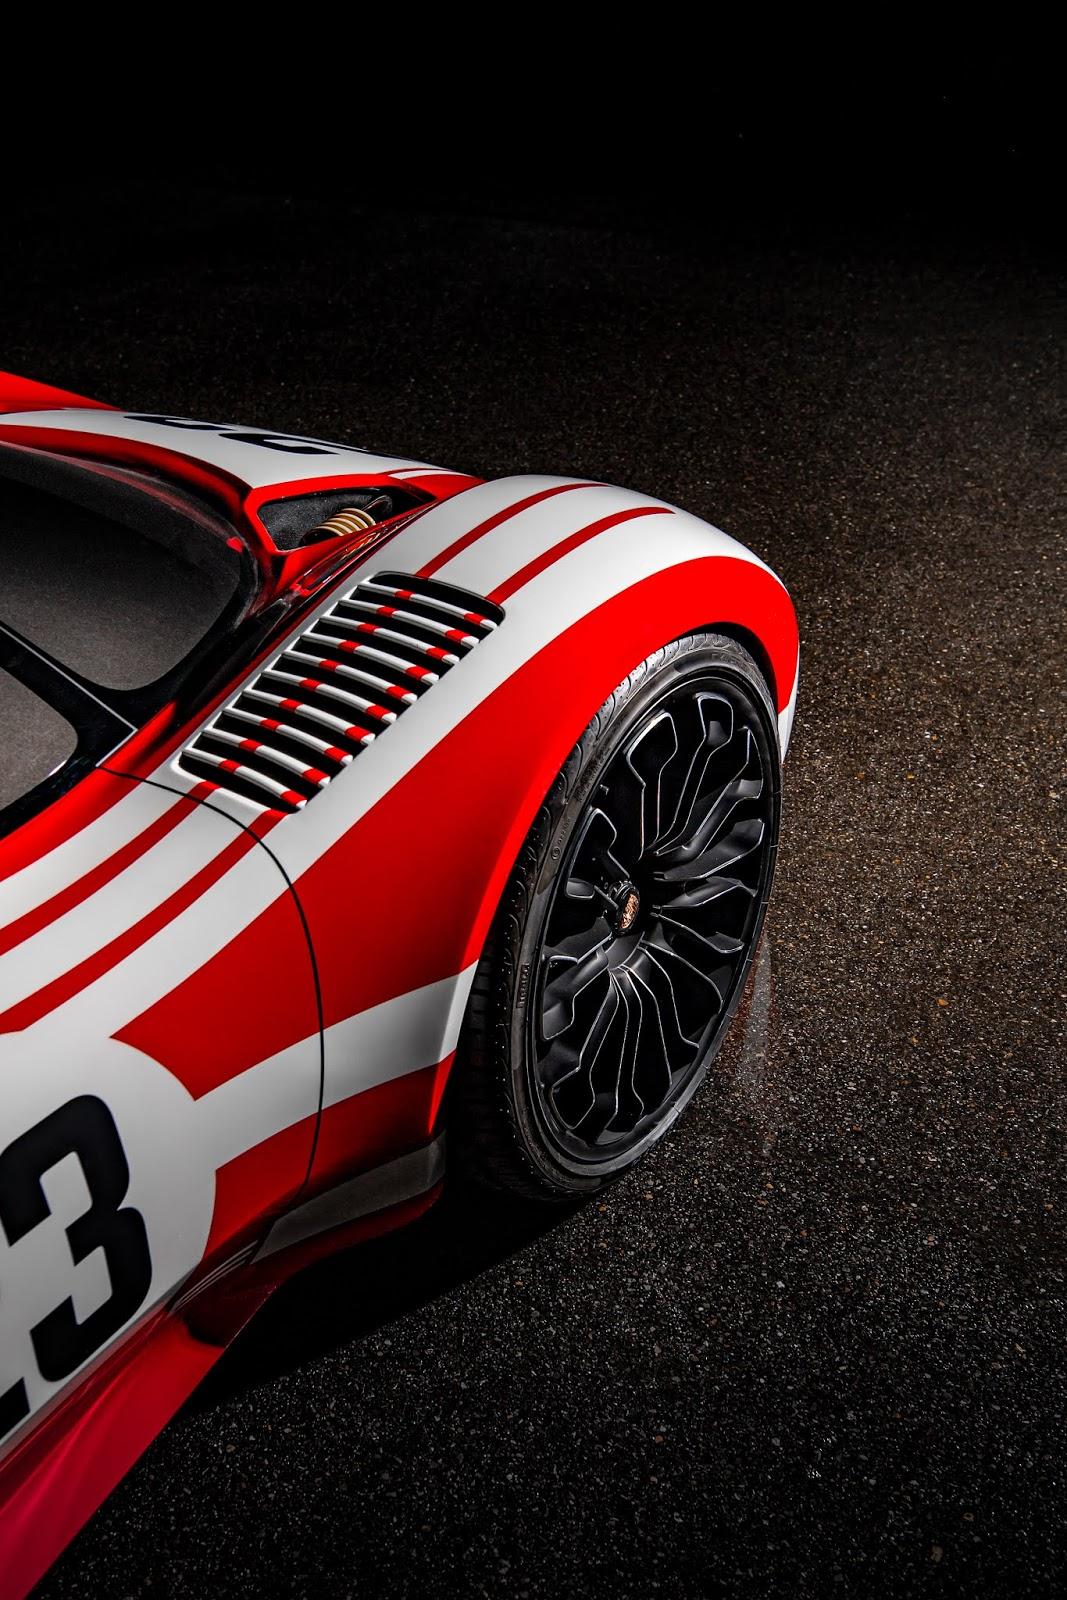 POR2125 Τα άγνωστα Hypercars της Porsche hypercar, Porsche, Porsche Unseen, Sunday, supercar, supercars, zblog, ειδήσεις